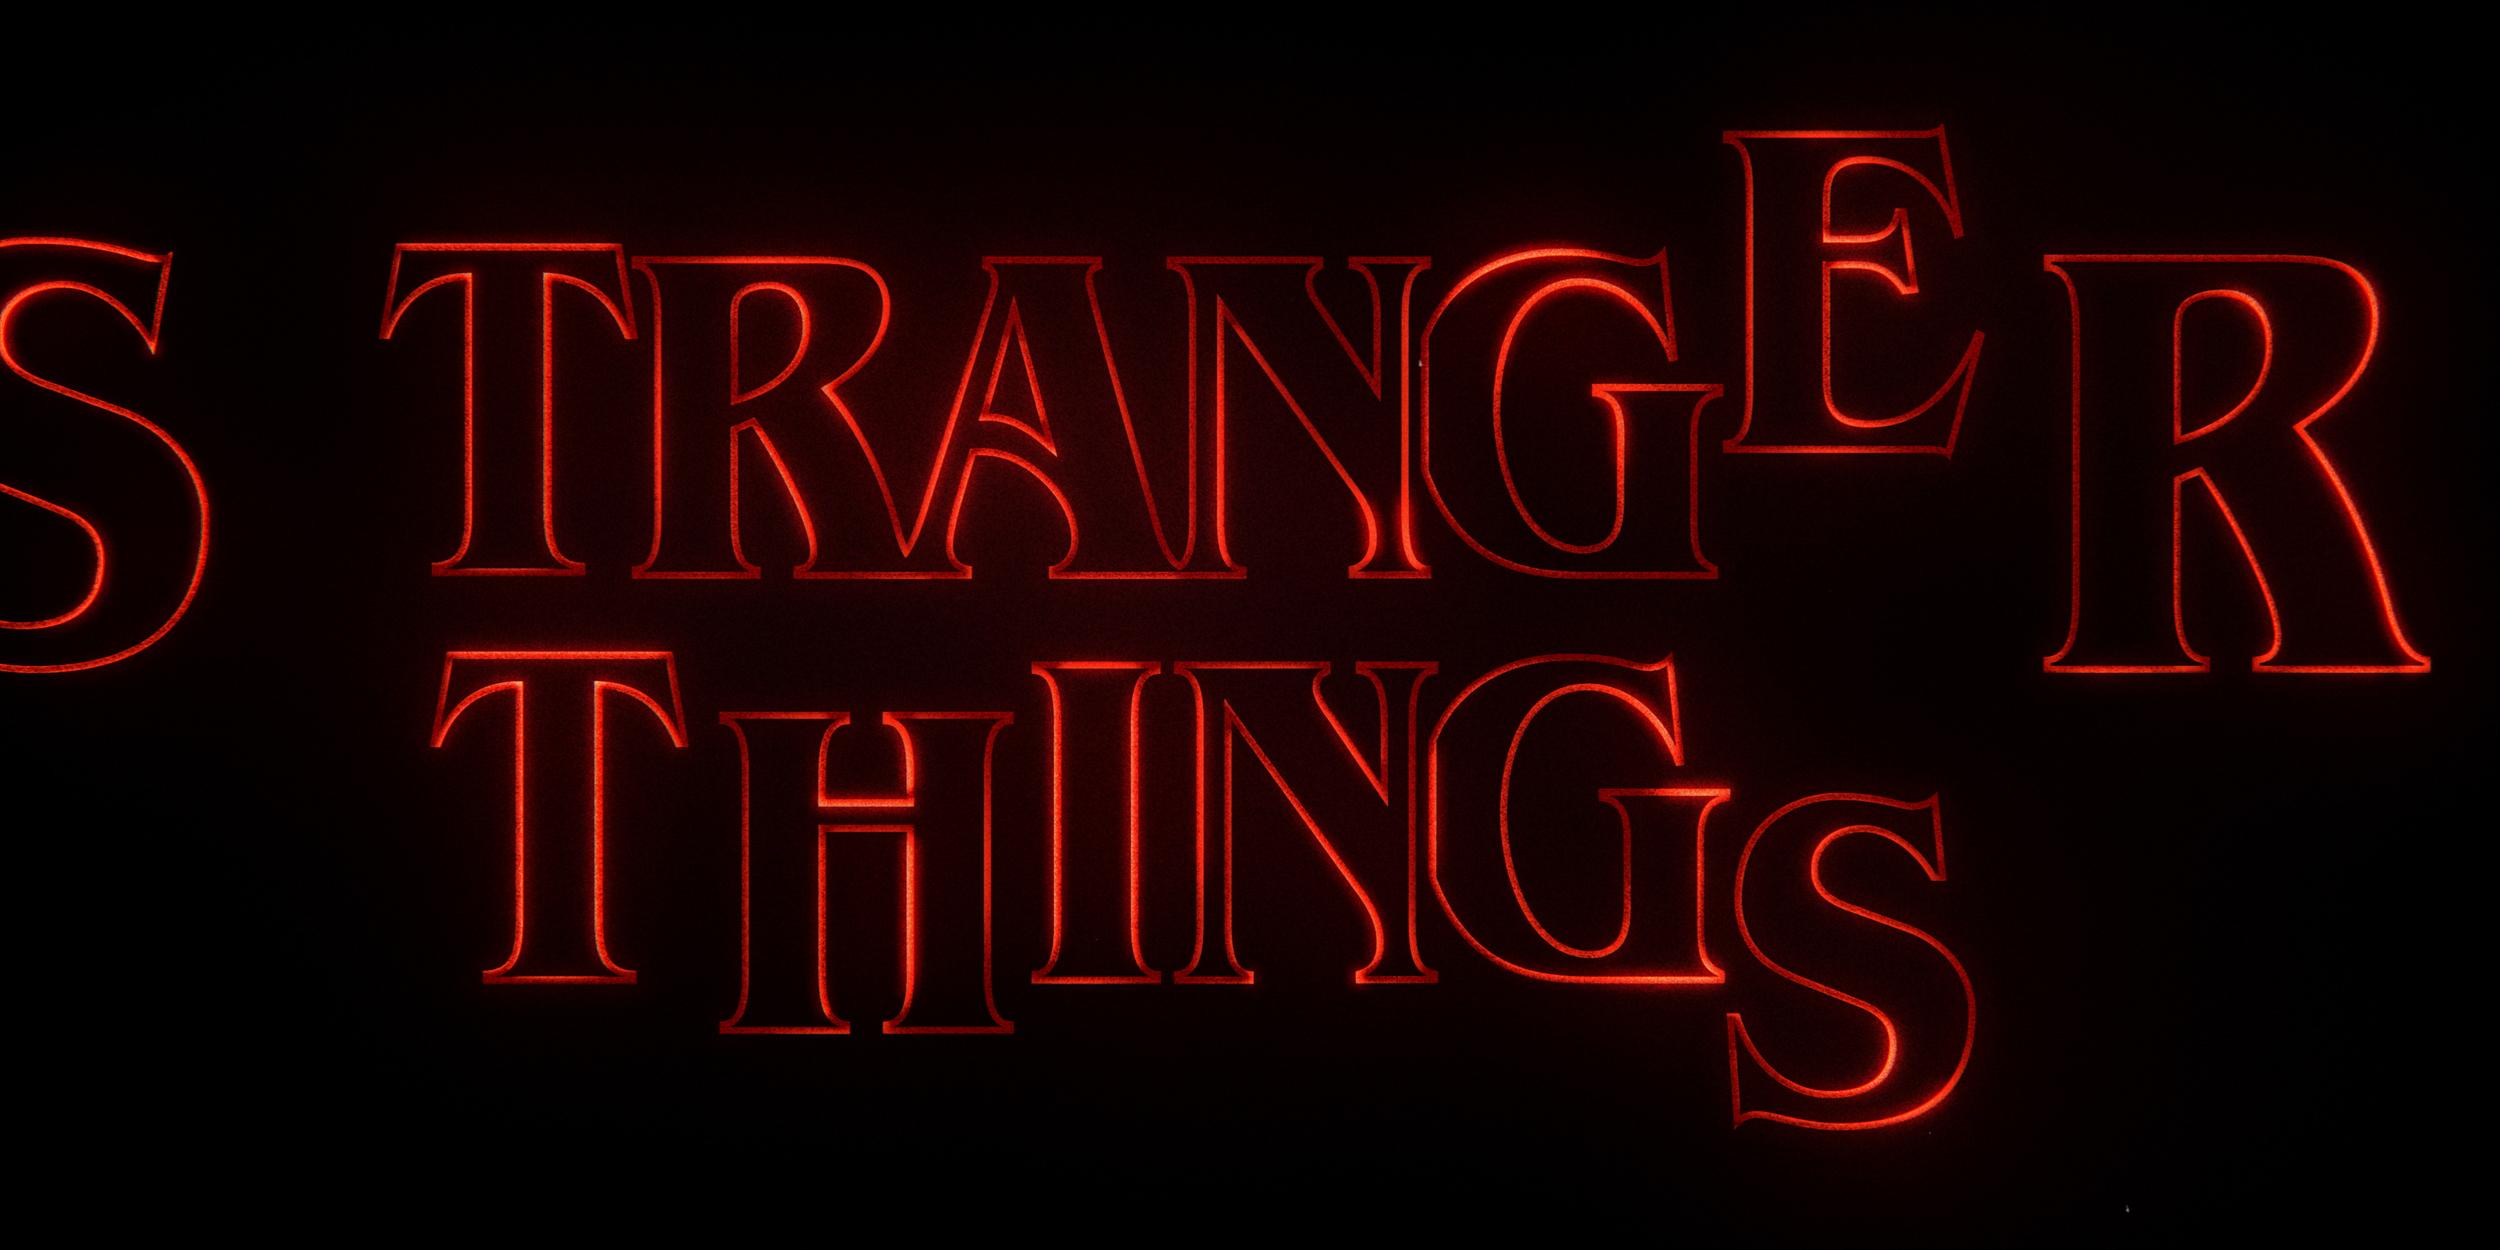 Image © Netflix & Imaginary Forces